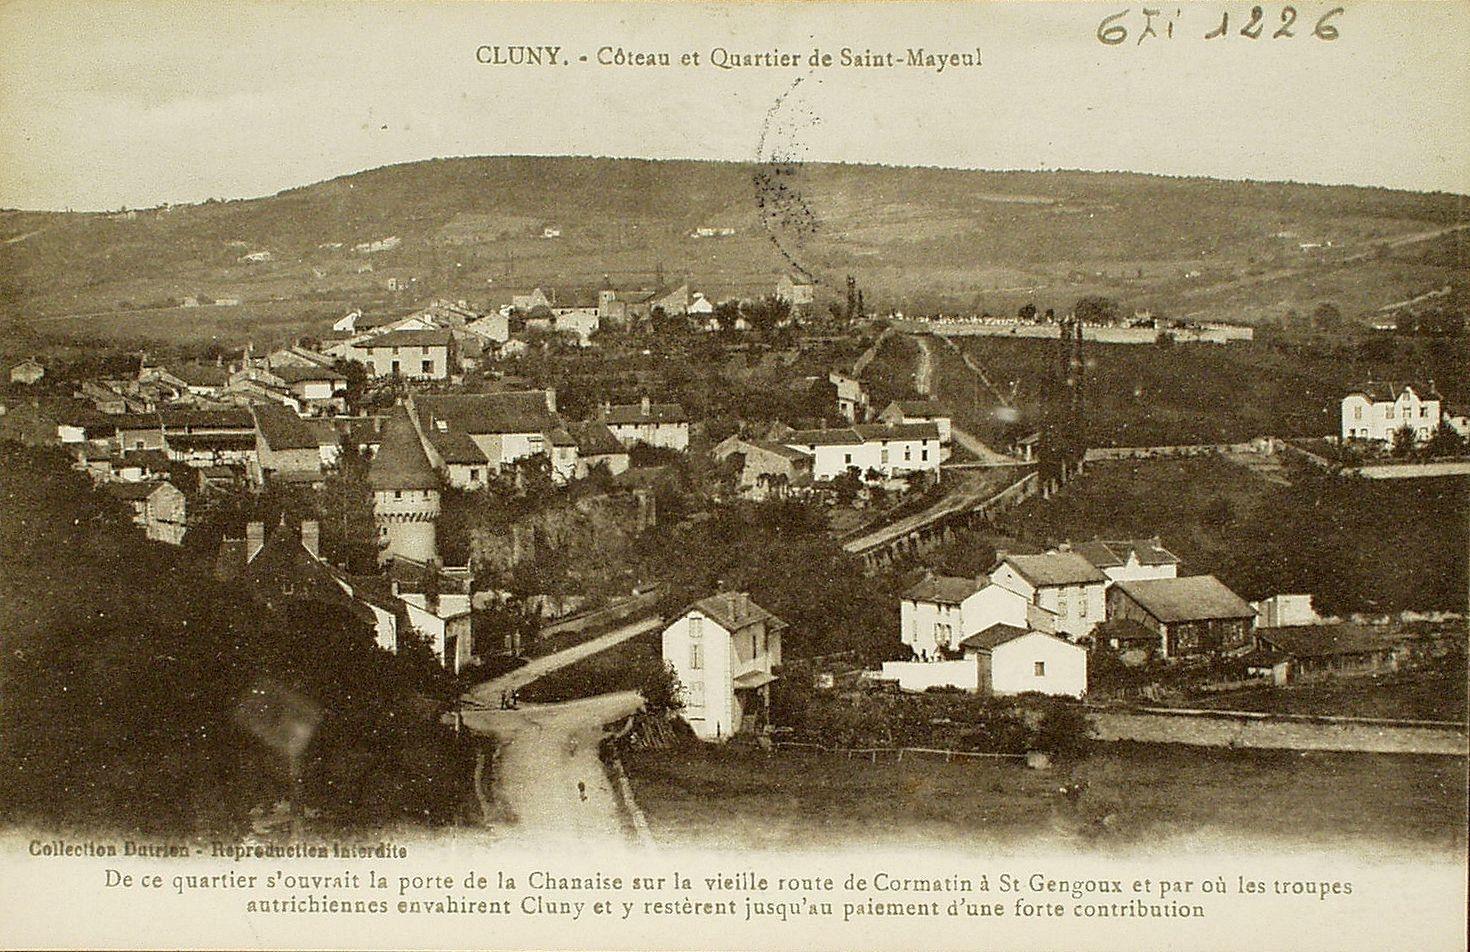 Cluny - Cluny. Côteau et quartier de Saint-Mayeul. De ce quartier s'ouvrait la porte de la Chanaise sur la vieille route de Cormatin à Saint-Gengoux et par où les troupes autrichiennes envahirent Cluny et y restèrent jusqu'au paiement d'une forte contribution.